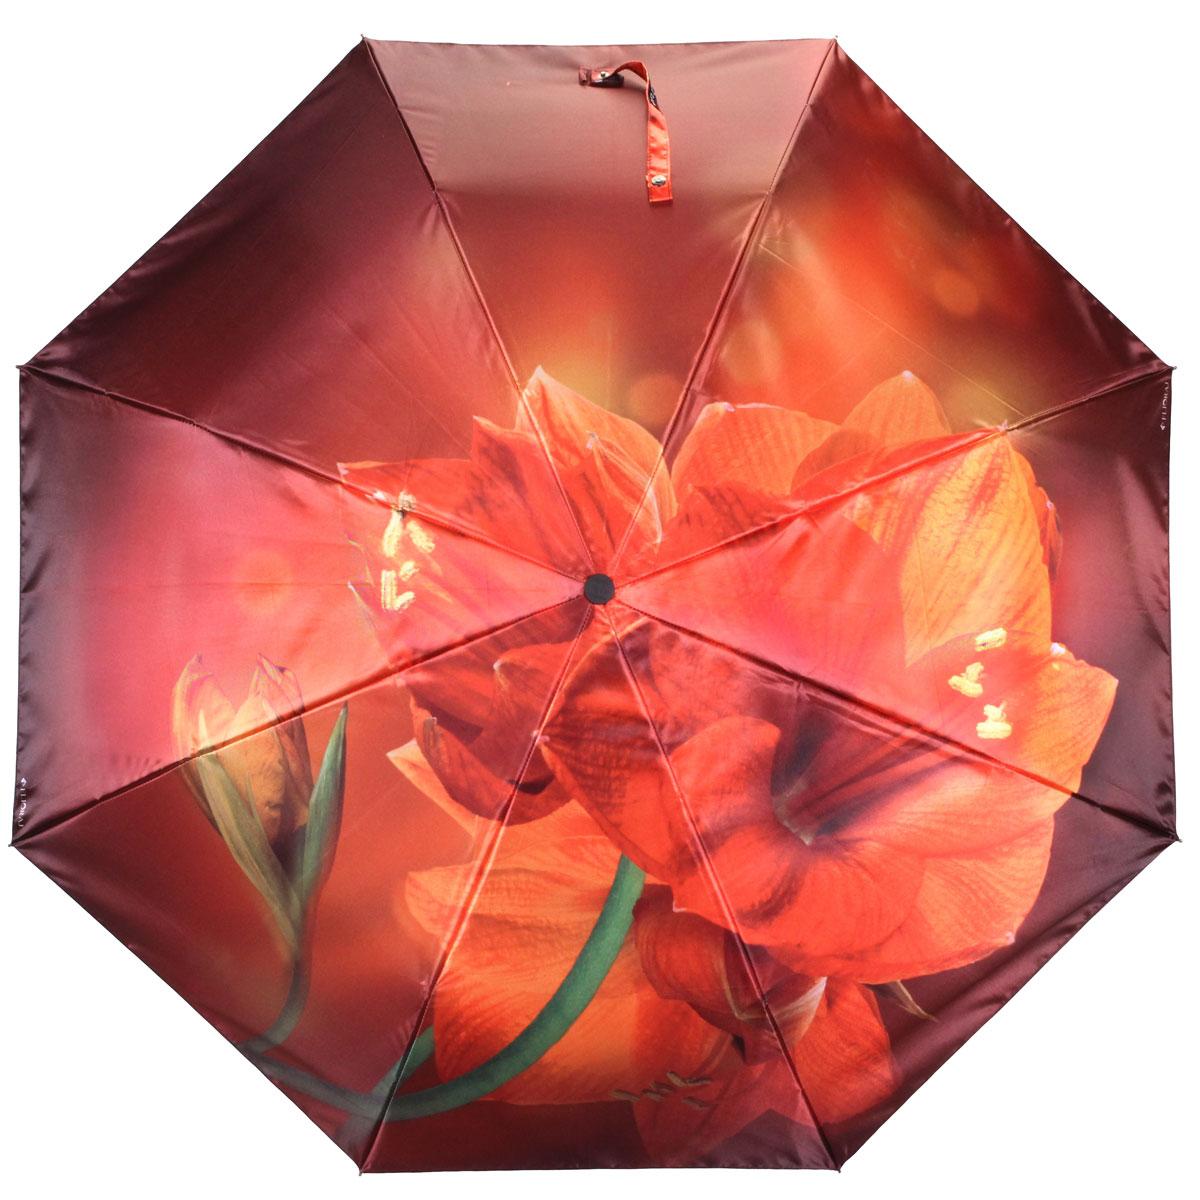 Зонт женский Flioraj Лилия, автомат, 3 сложения. 013-031FJ013-031FJСтильный автоматический зонт Flioraj Лилия в 3 сложения даже в ненастную погоду позволит вам оставаться стильной и элегантной. Каркас зонта из анодированной стали состоит из восьми карбоновых спиц, оснащен удобной прорезиненной рукояткой. Зонт имеет полный автоматический механизм сложения: купол открывается и закрывается нажатием кнопки на рукоятке, стержень складывается вручную до характерного щелчка, благодаря чему открыть и закрыть зонт можно одной рукой, что чрезвычайно удобно при входе в транспорт или помещение. Купол зонта выполнен из прочного сатина черного цвета и оформлен изображением лилии. На рукоятке для удобства есть небольшой шнурок-резинка, позволяющий надеть зонт на руку тогда, когда это будет необходимо. К зонту прилагается чехол.